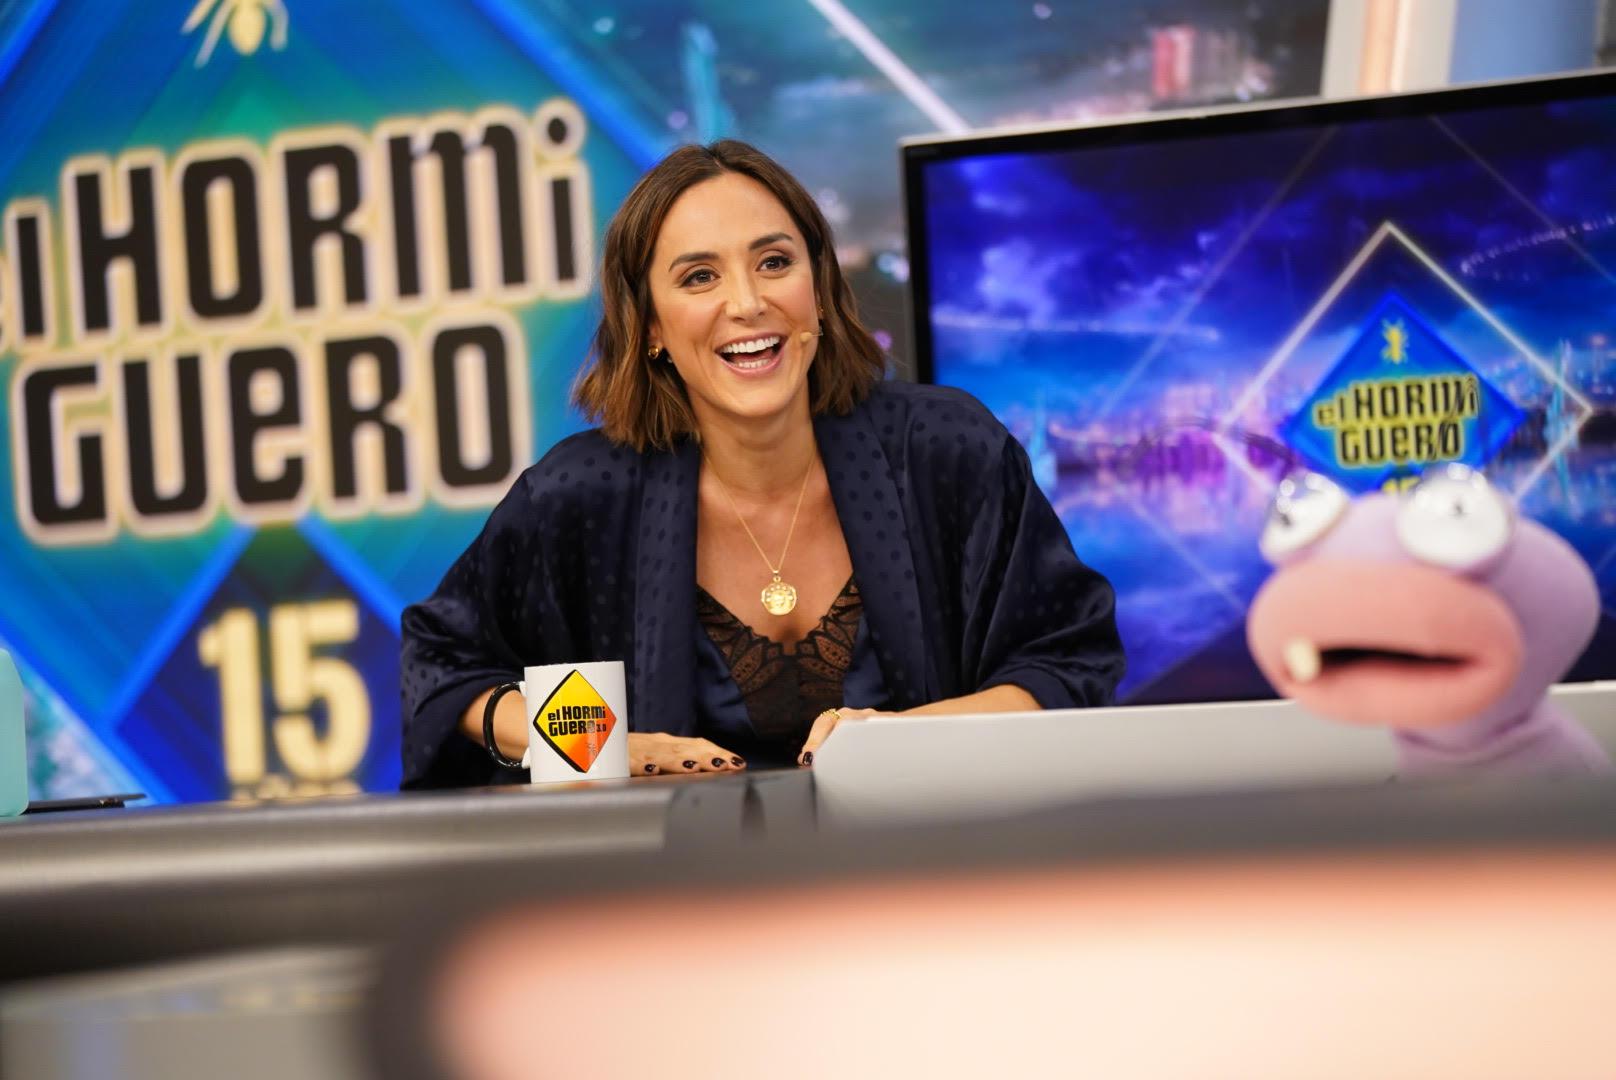 Tamara Falcó deslumbra en 'El Hormiguero' con un kimono ('made in spain') diseñado por Vicky Martín Berrocal